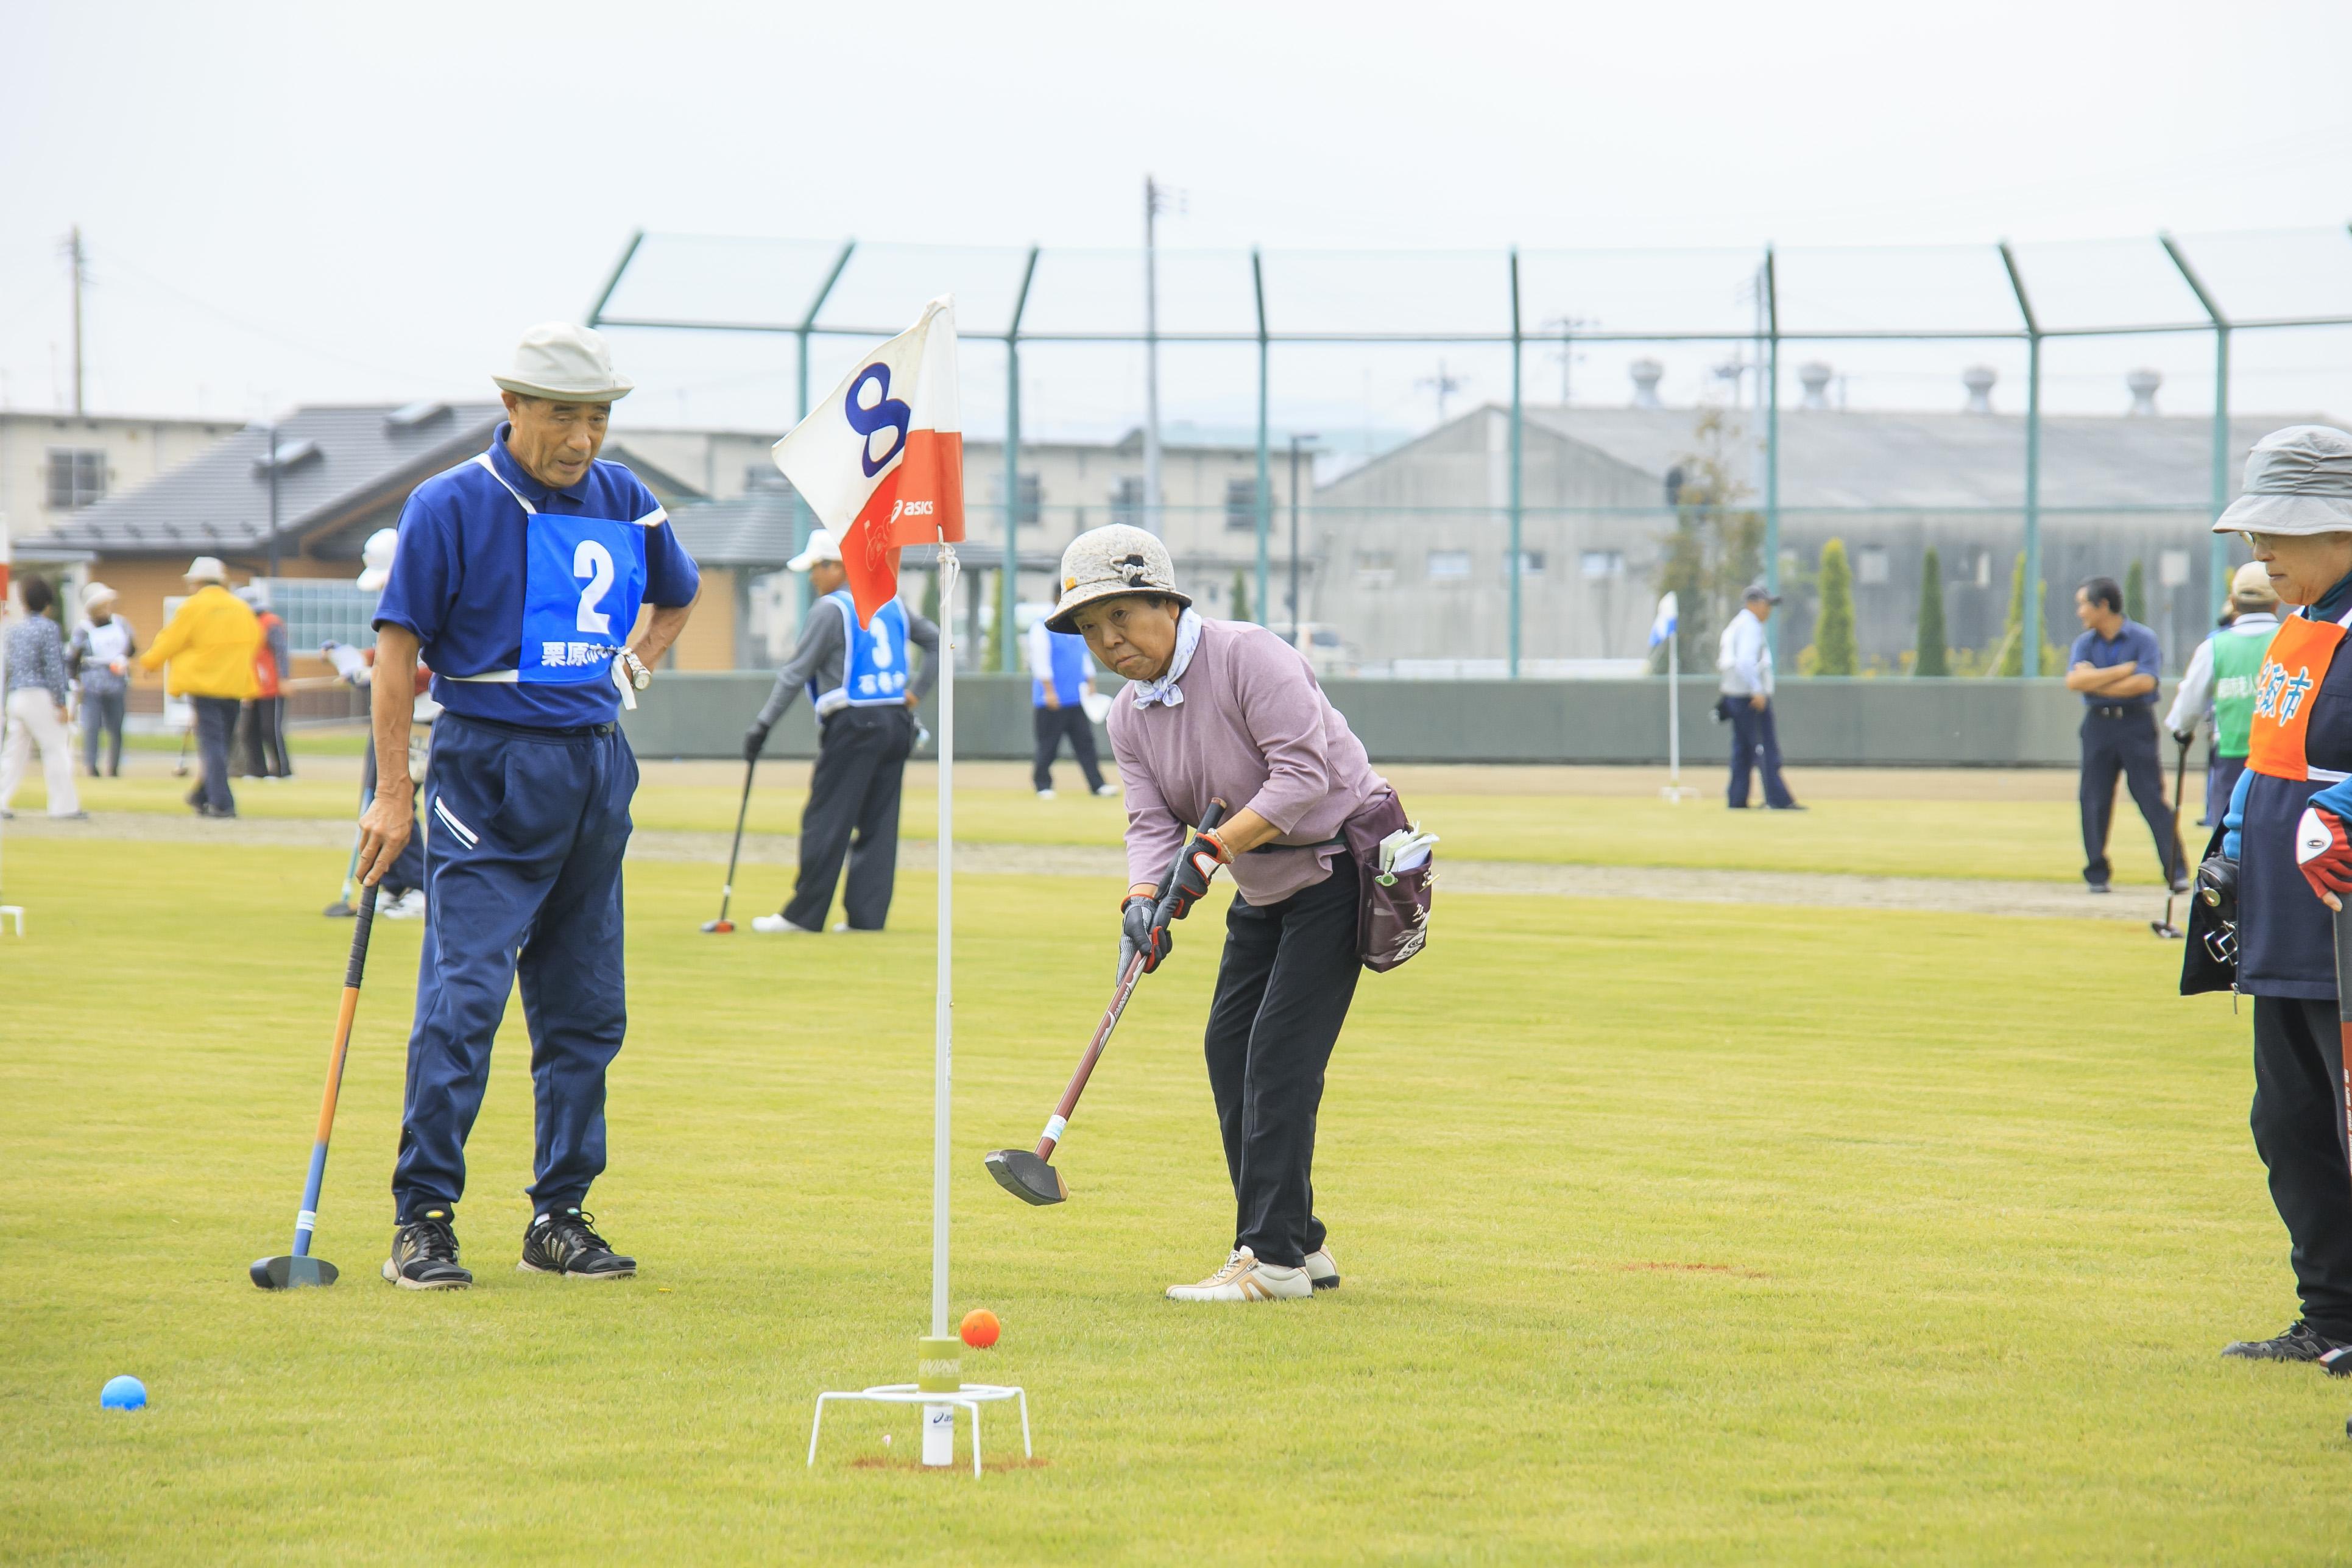 シニアスポーツ大会2013_グランドゴルフ_01